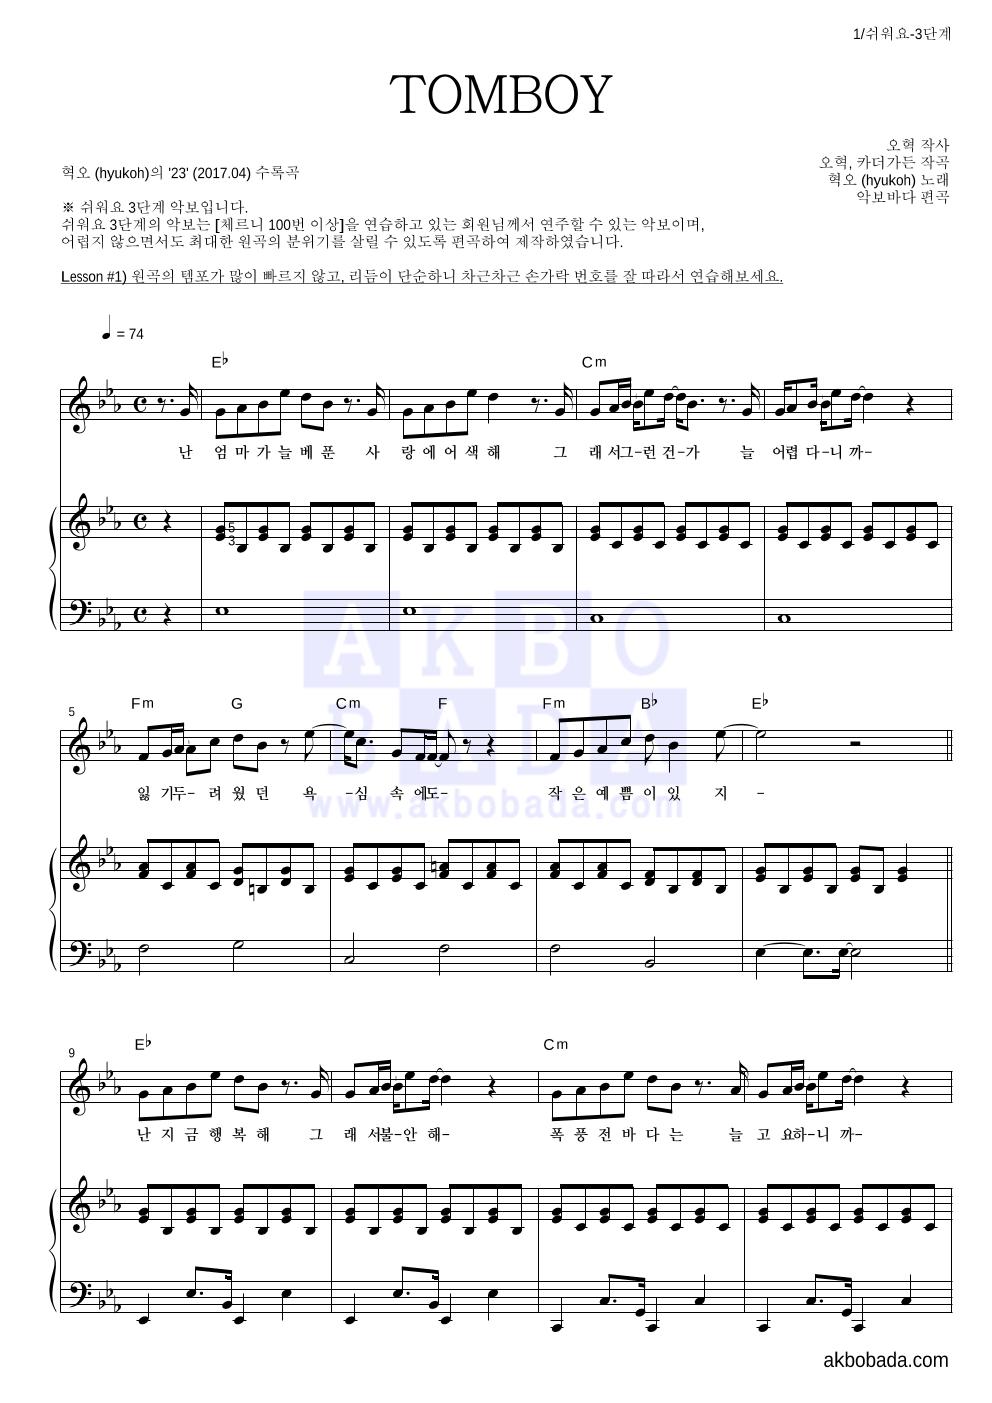 혁오 - TOMBOY 피아노3단-쉬워요 악보